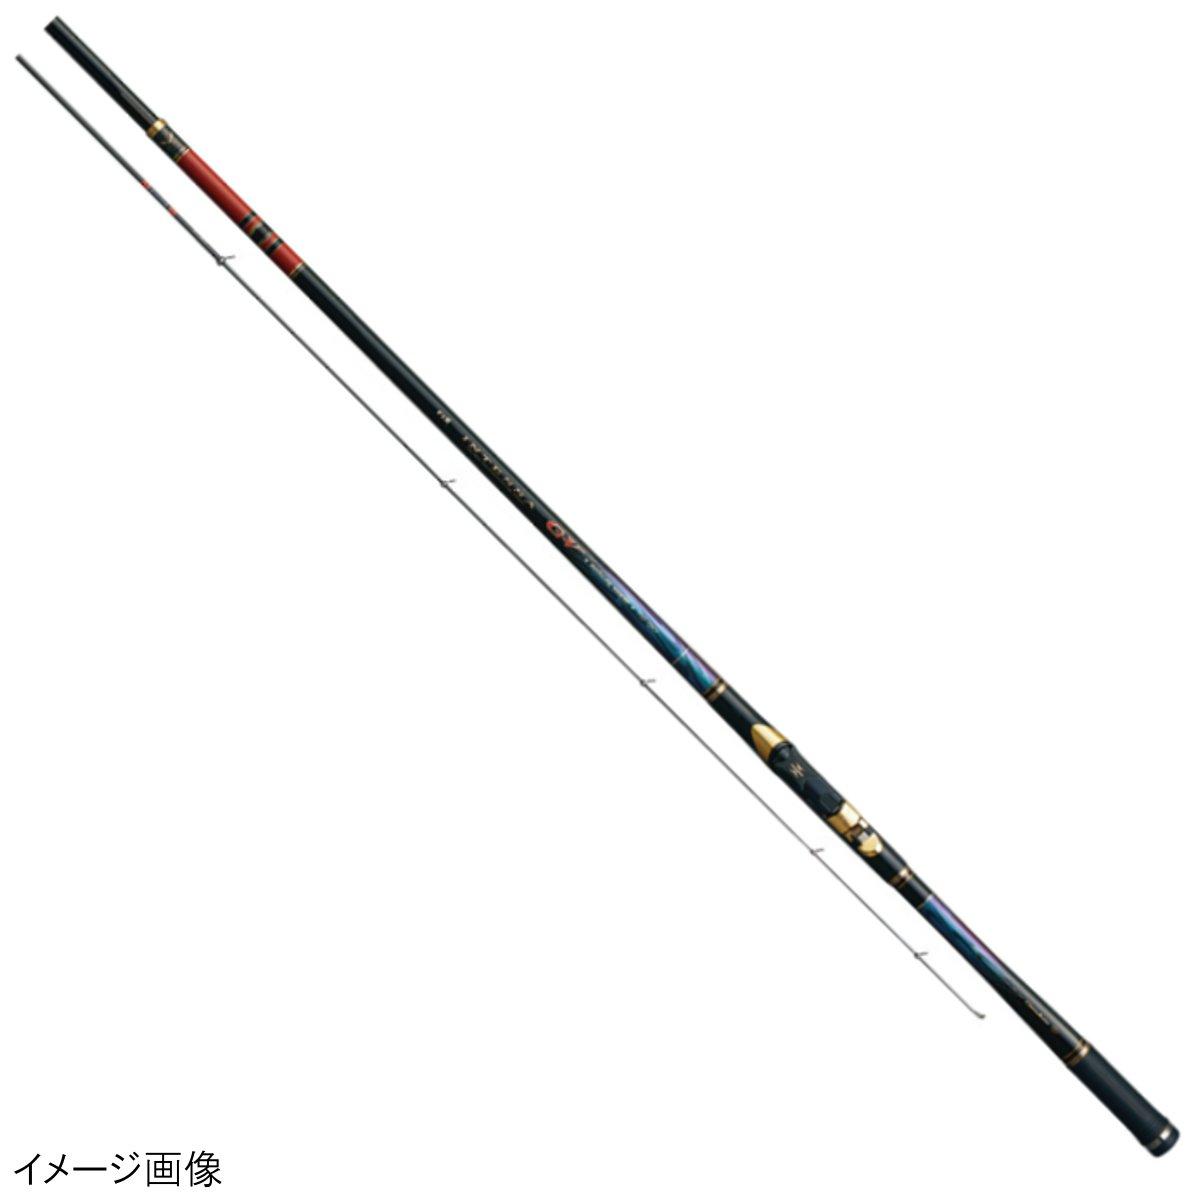 がまかつ(Gamakatsu) インテッサG5 2.5号-5.0